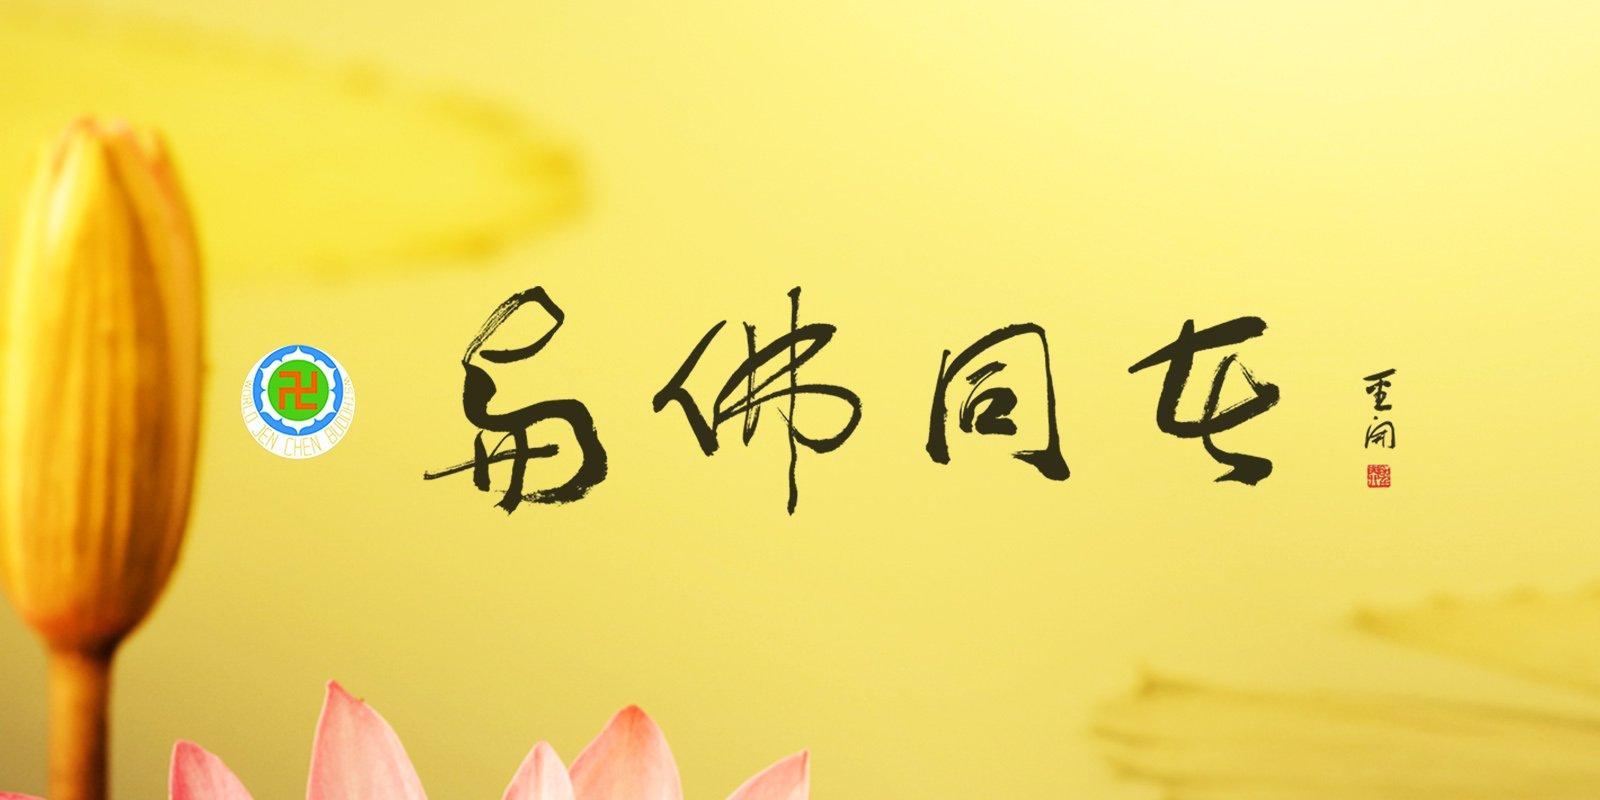 人乘佛教 淨化人心 唯佛宗 聖開法師 一無法師